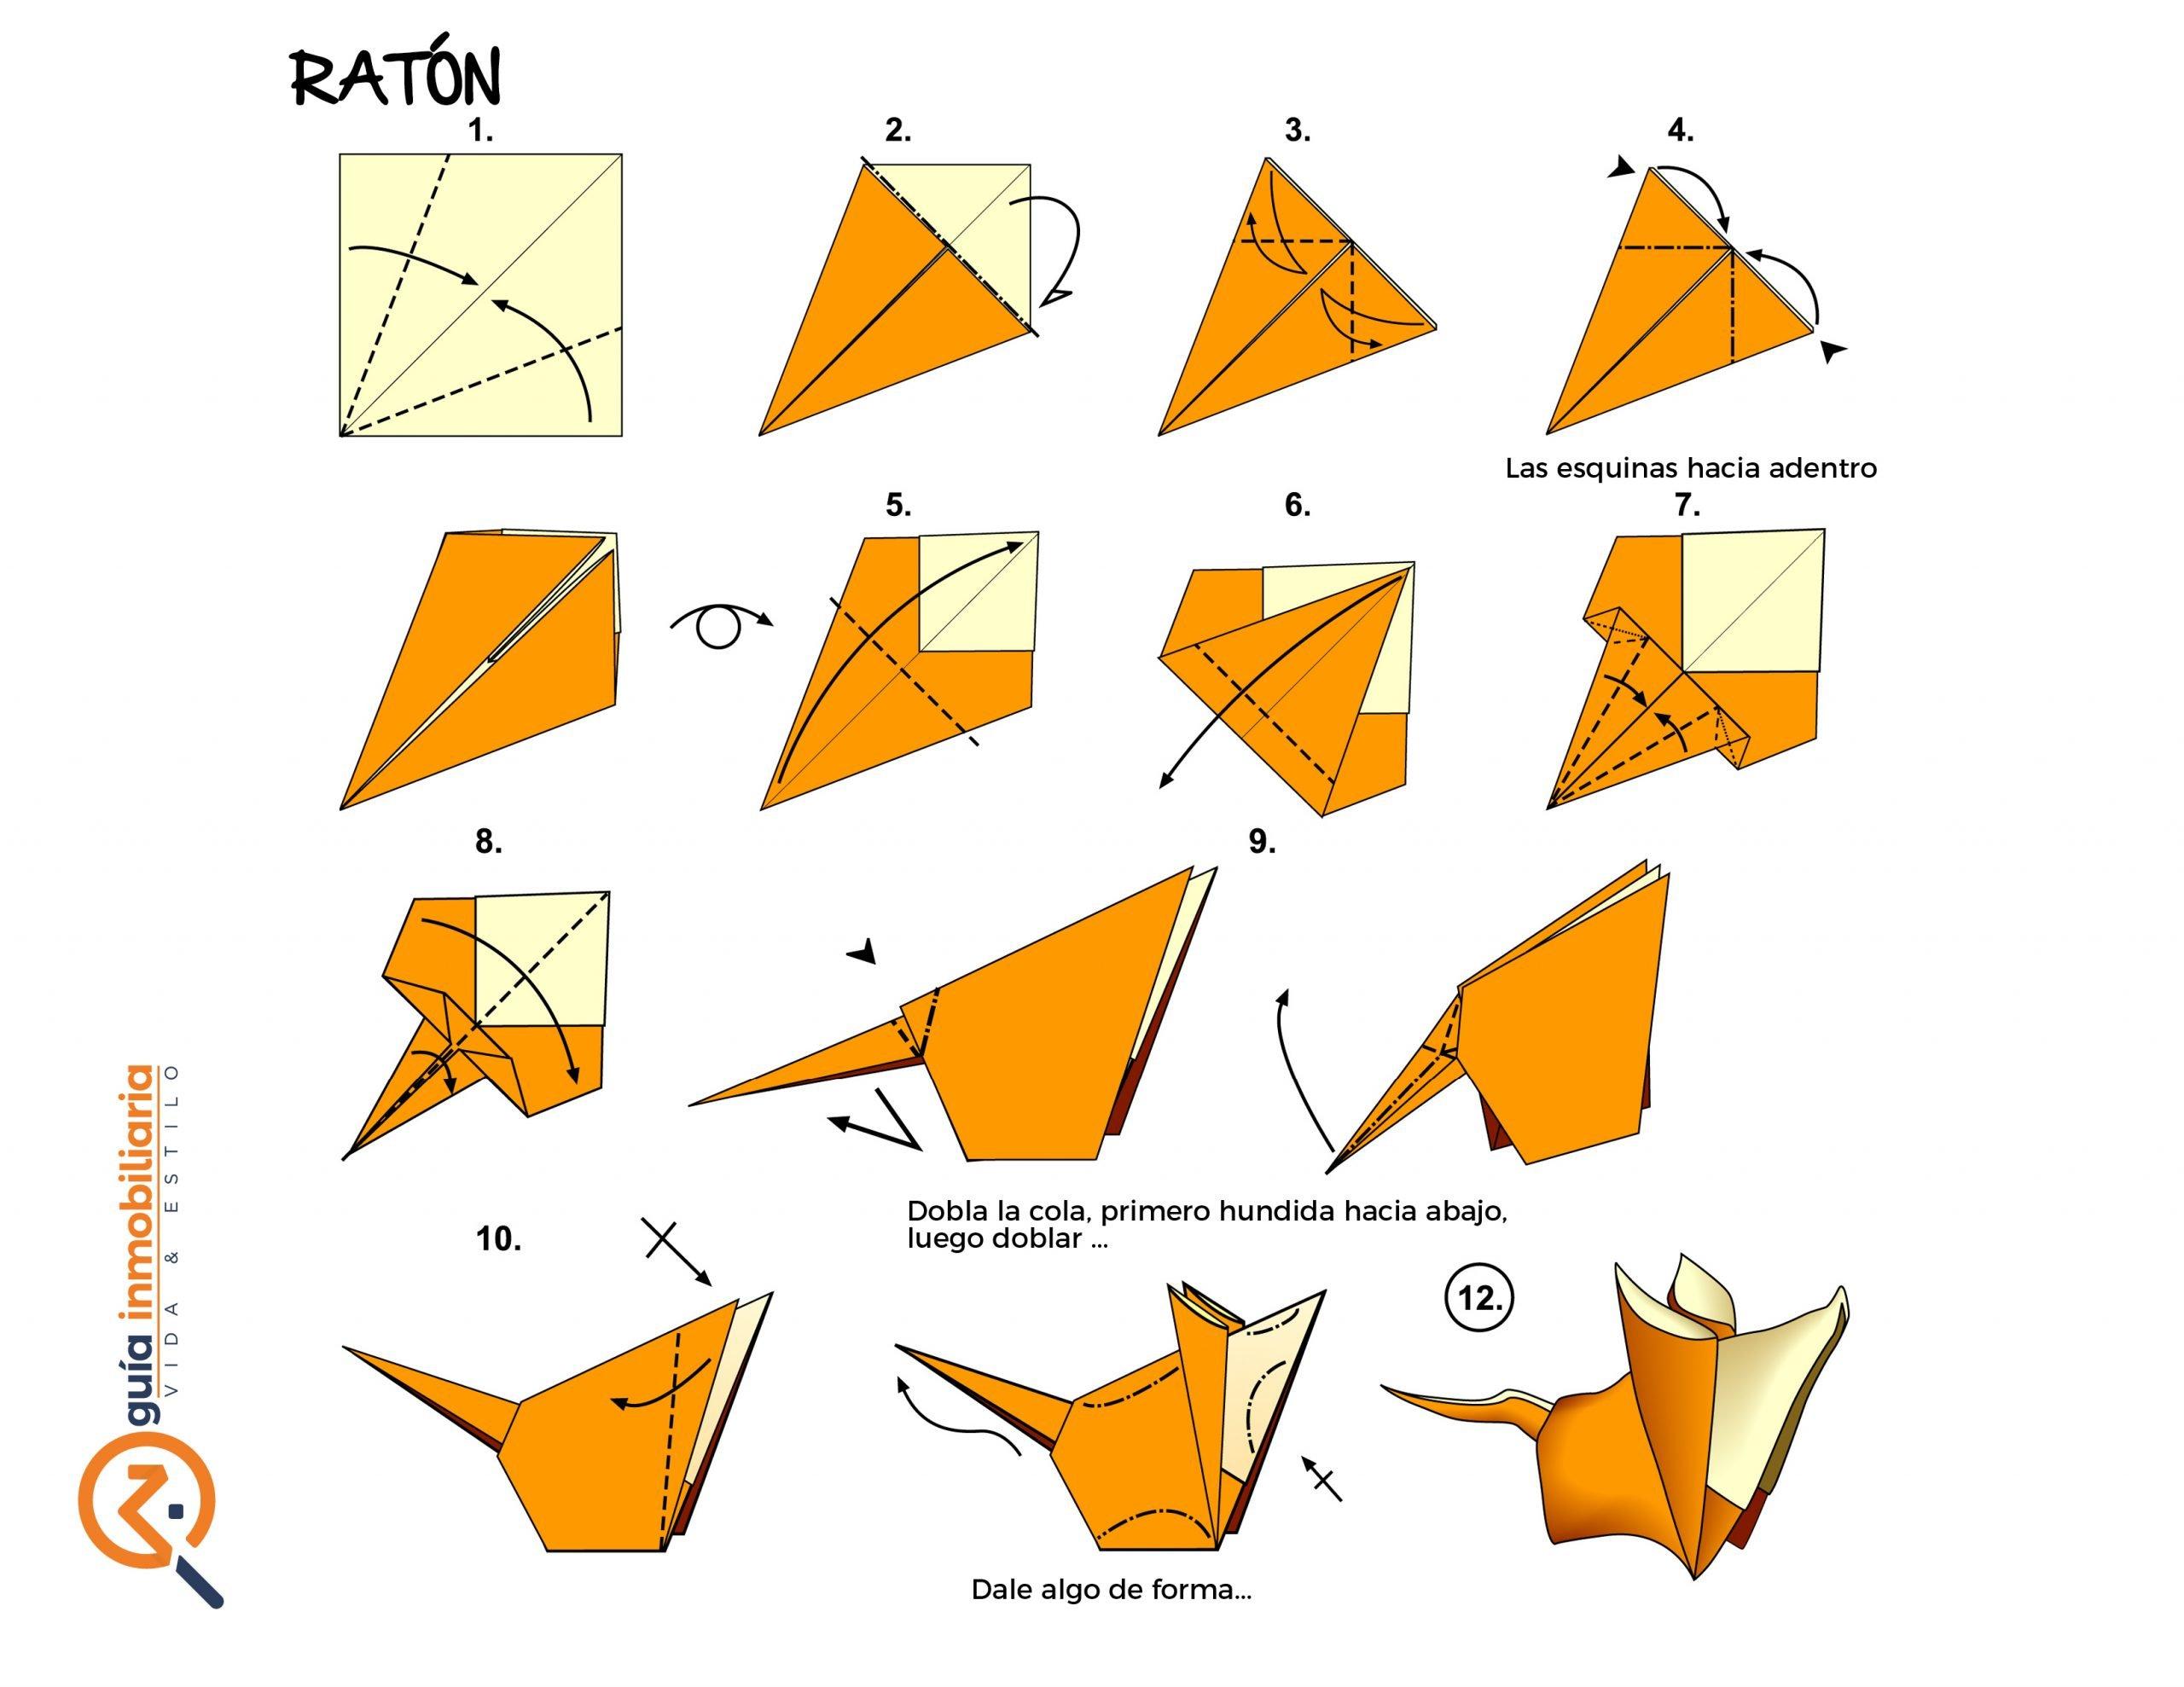 origami paso a paso ratón